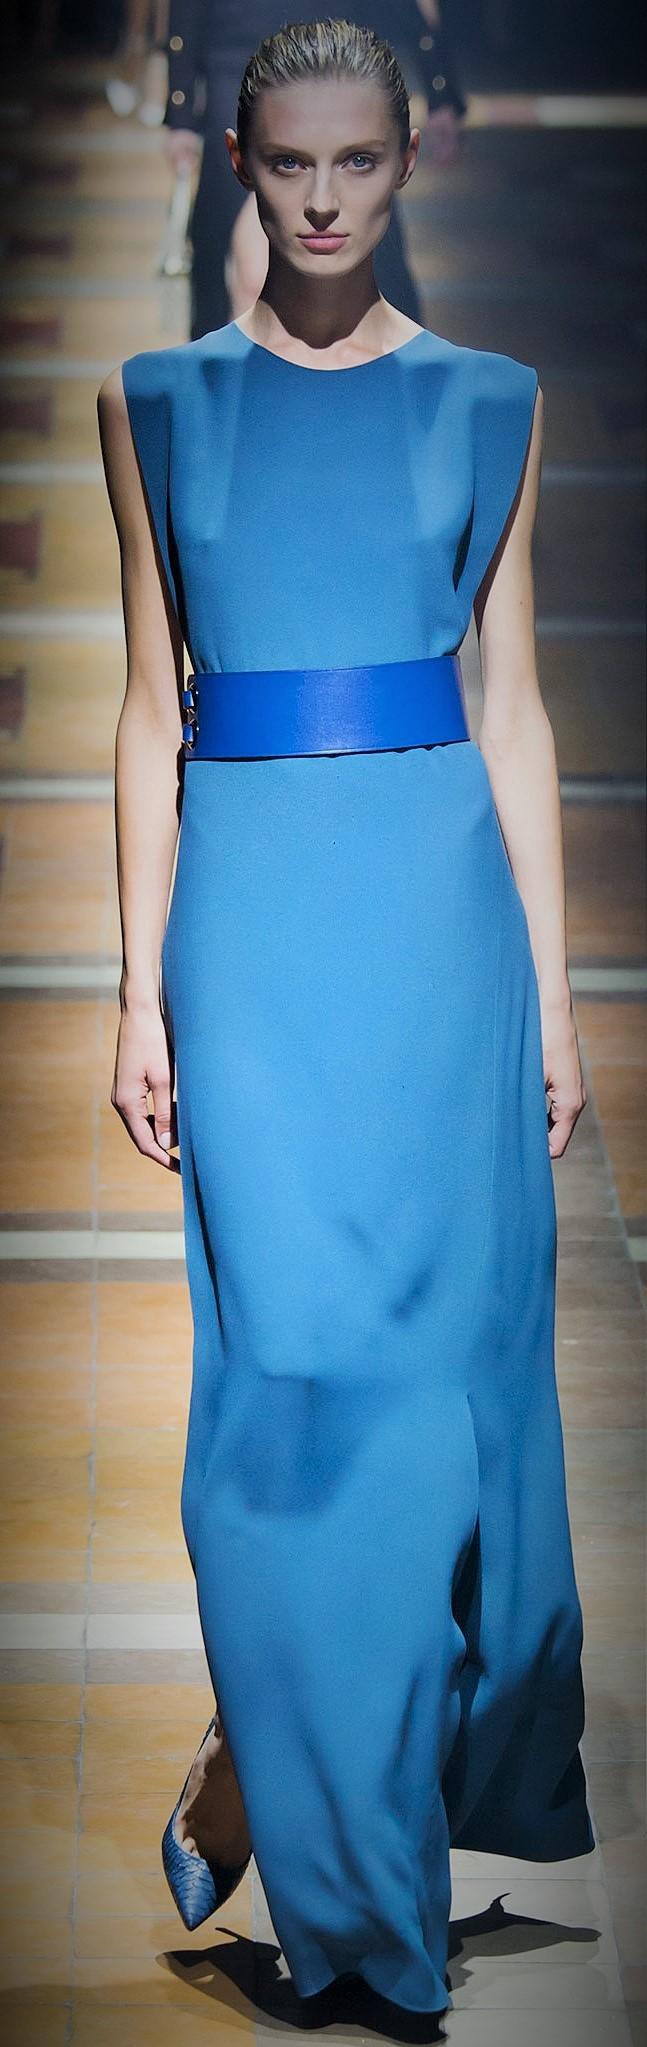 Lanvin at Paris Fashion Week Spring 2015.  V